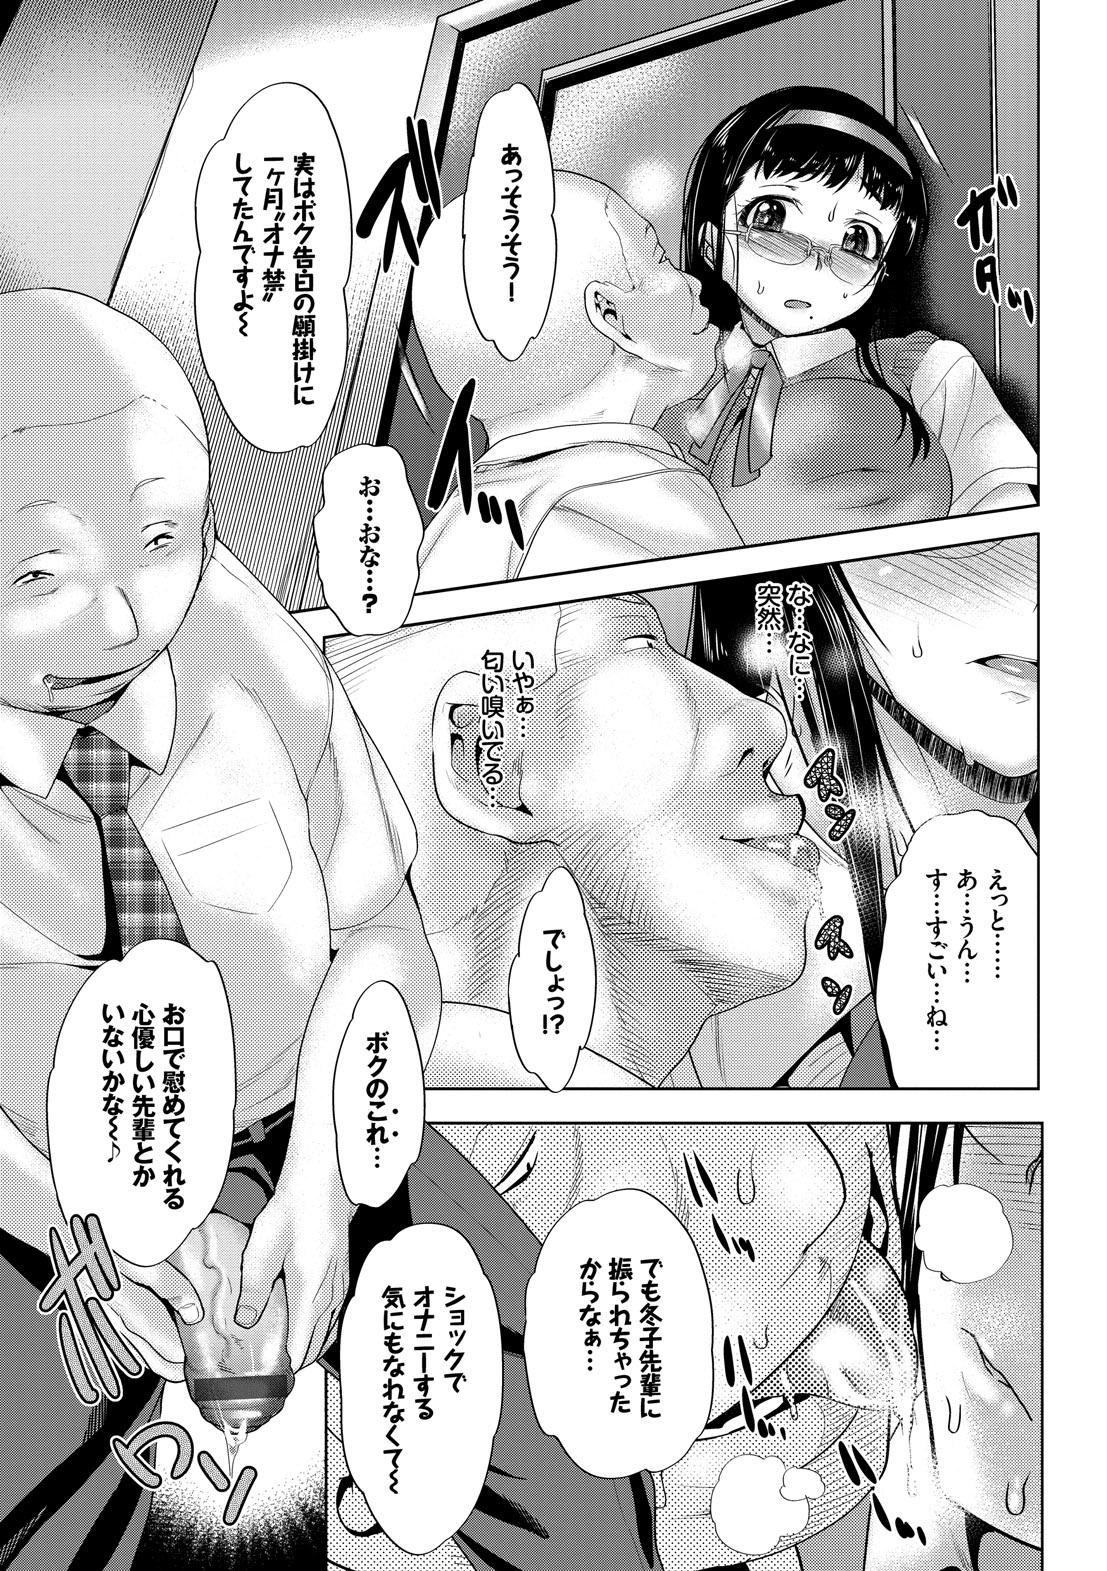 Mesu no Tadashii Haramasekata 144